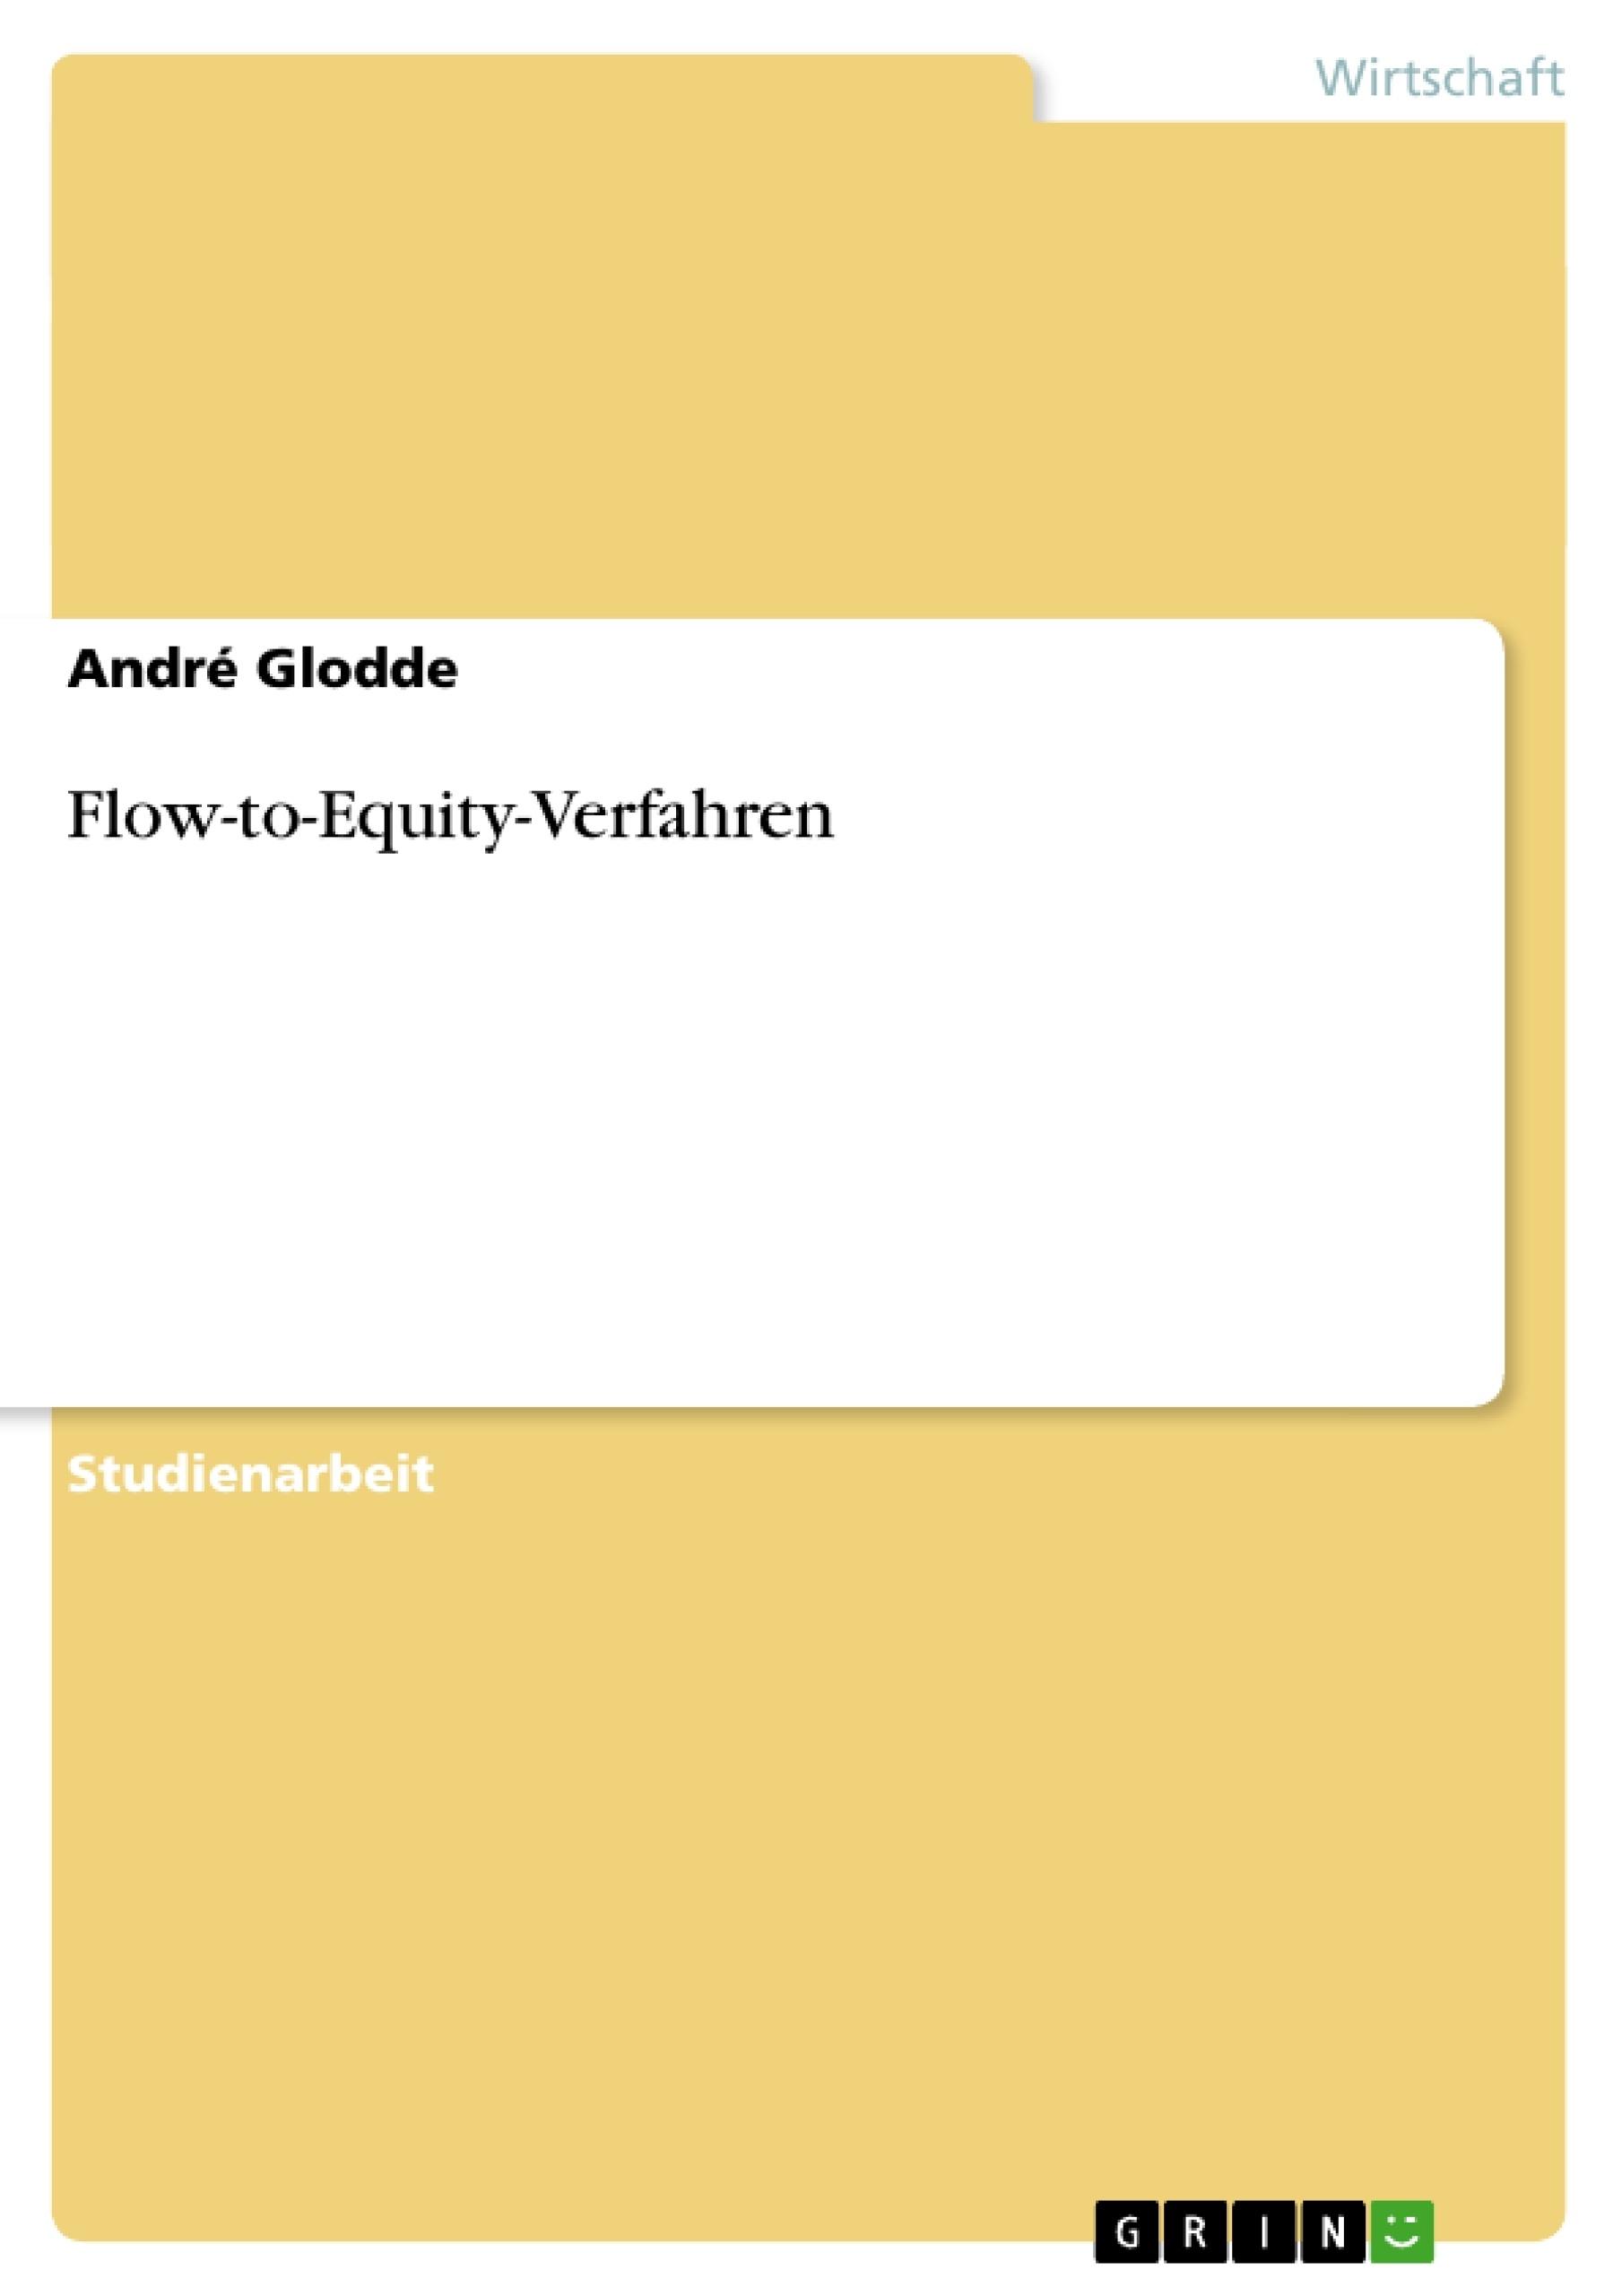 Titel: Flow-to-Equity-Verfahren